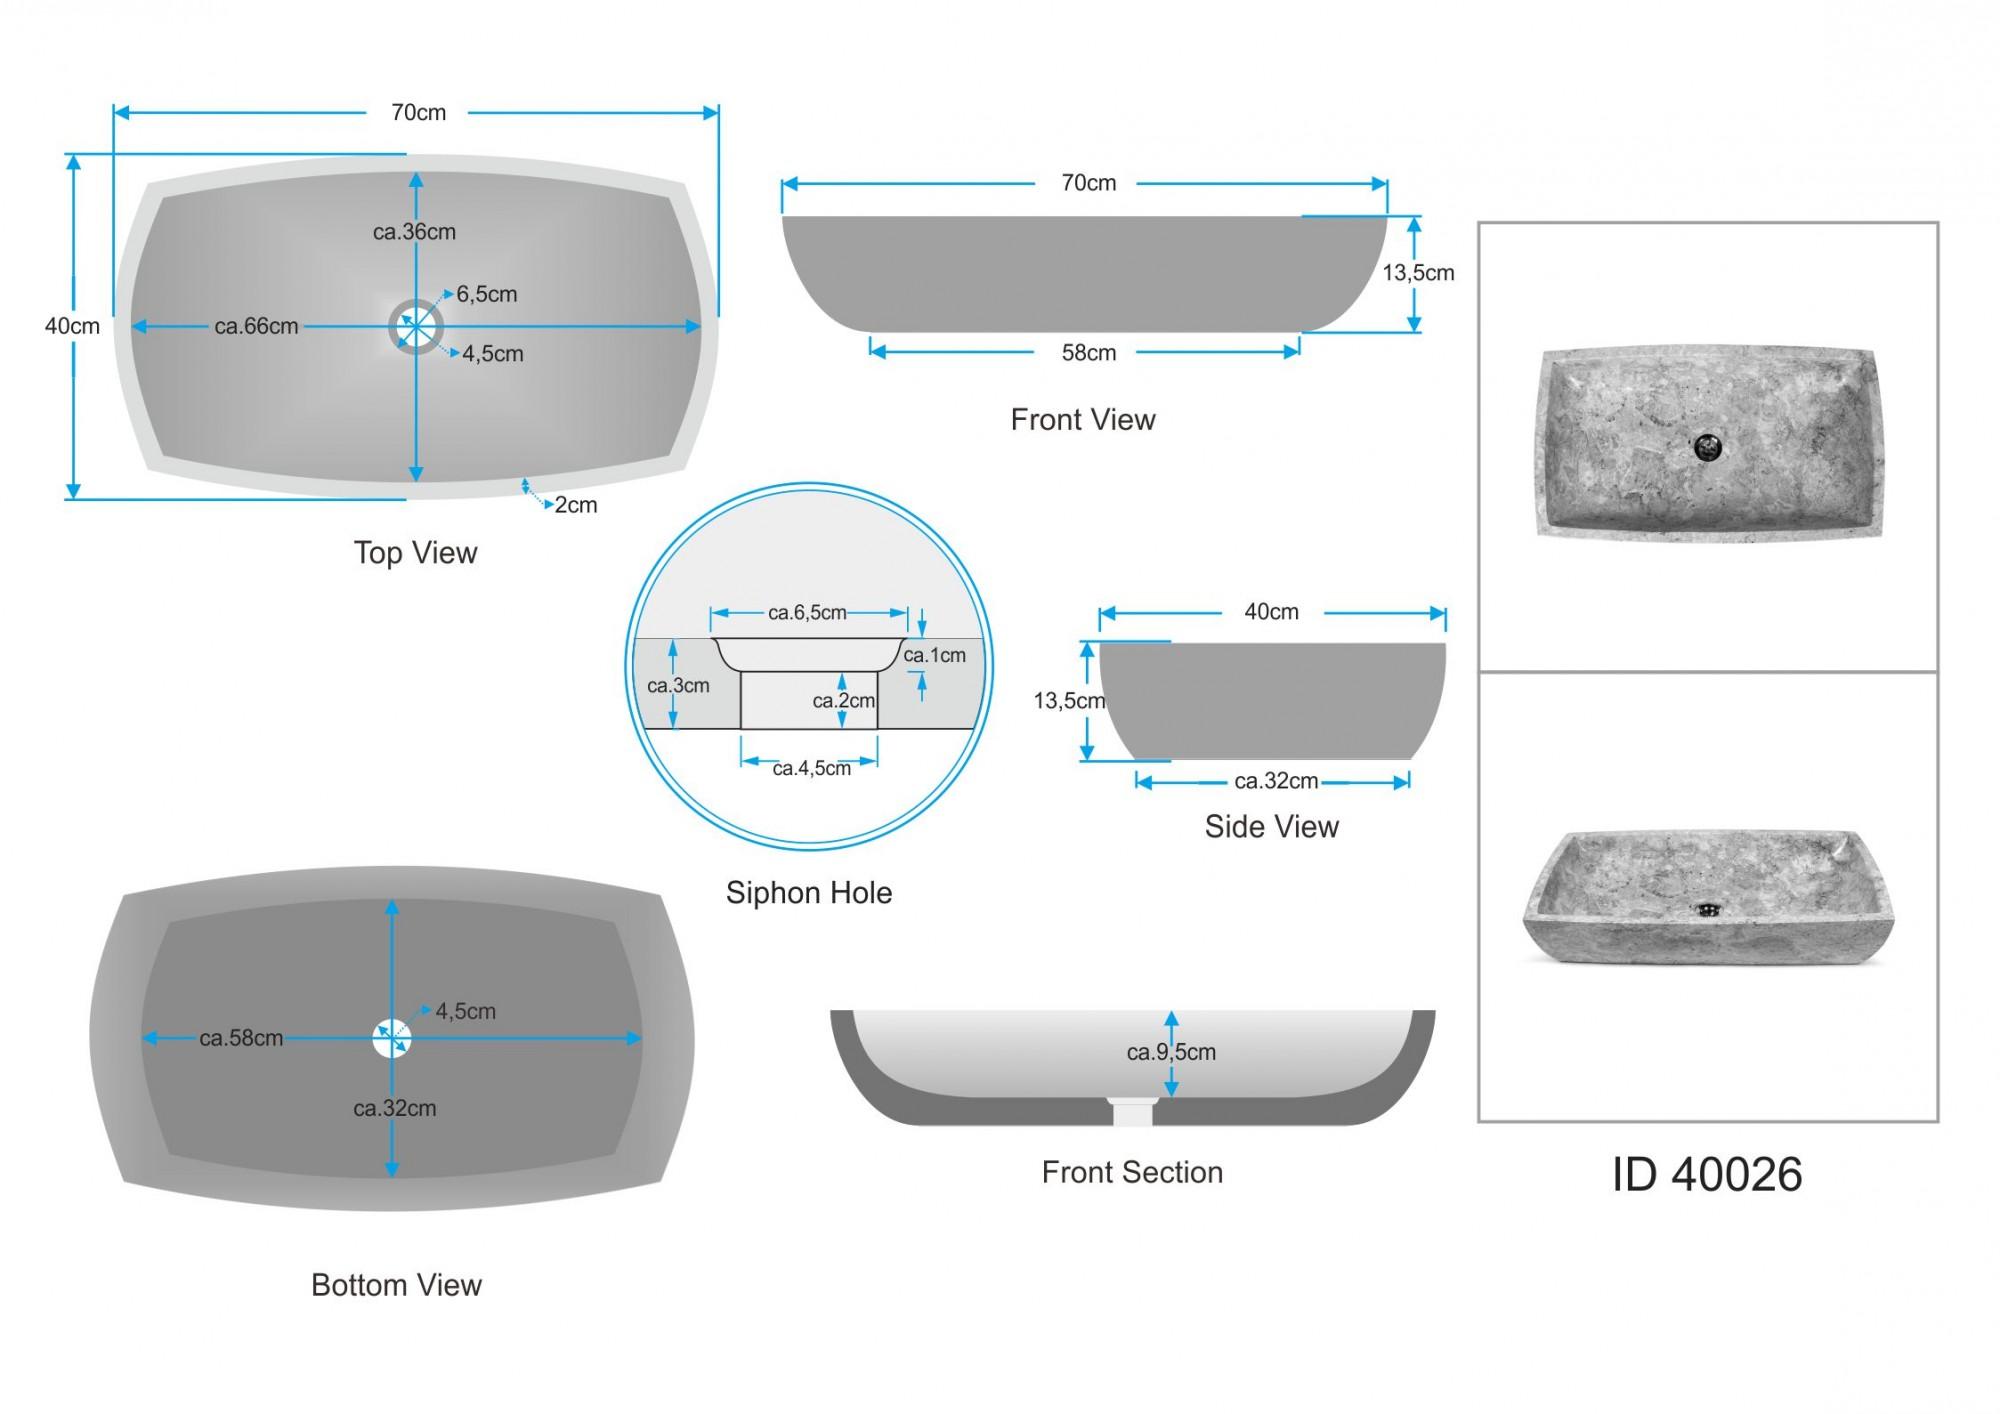 WOHNFREUDEN Naturstein Waschbecken 70x40x13 cm poliert creme Aufsatzbecken